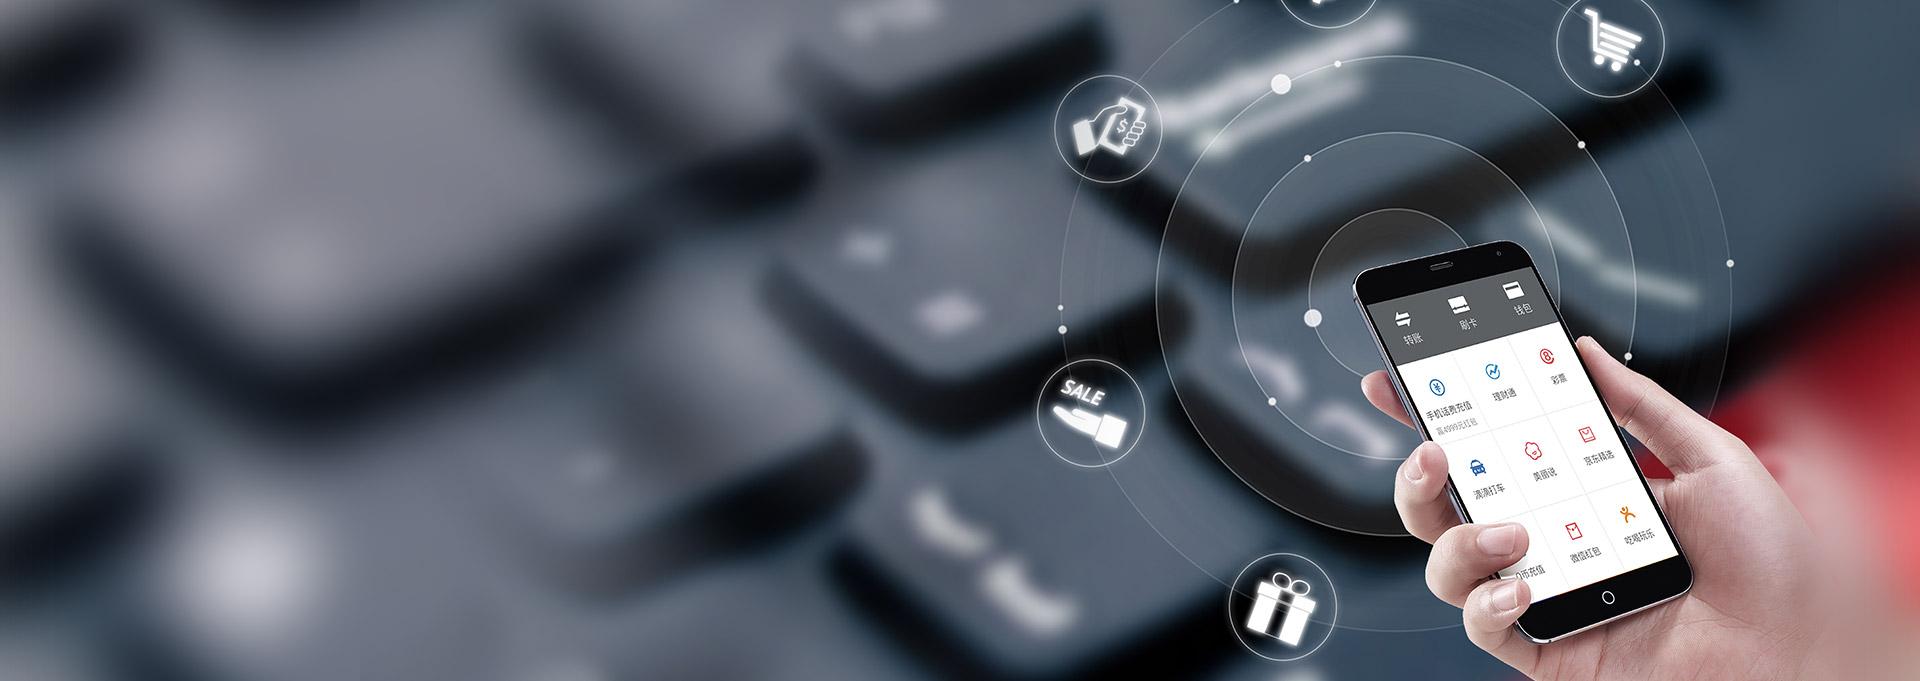 微信会员电商解决方案